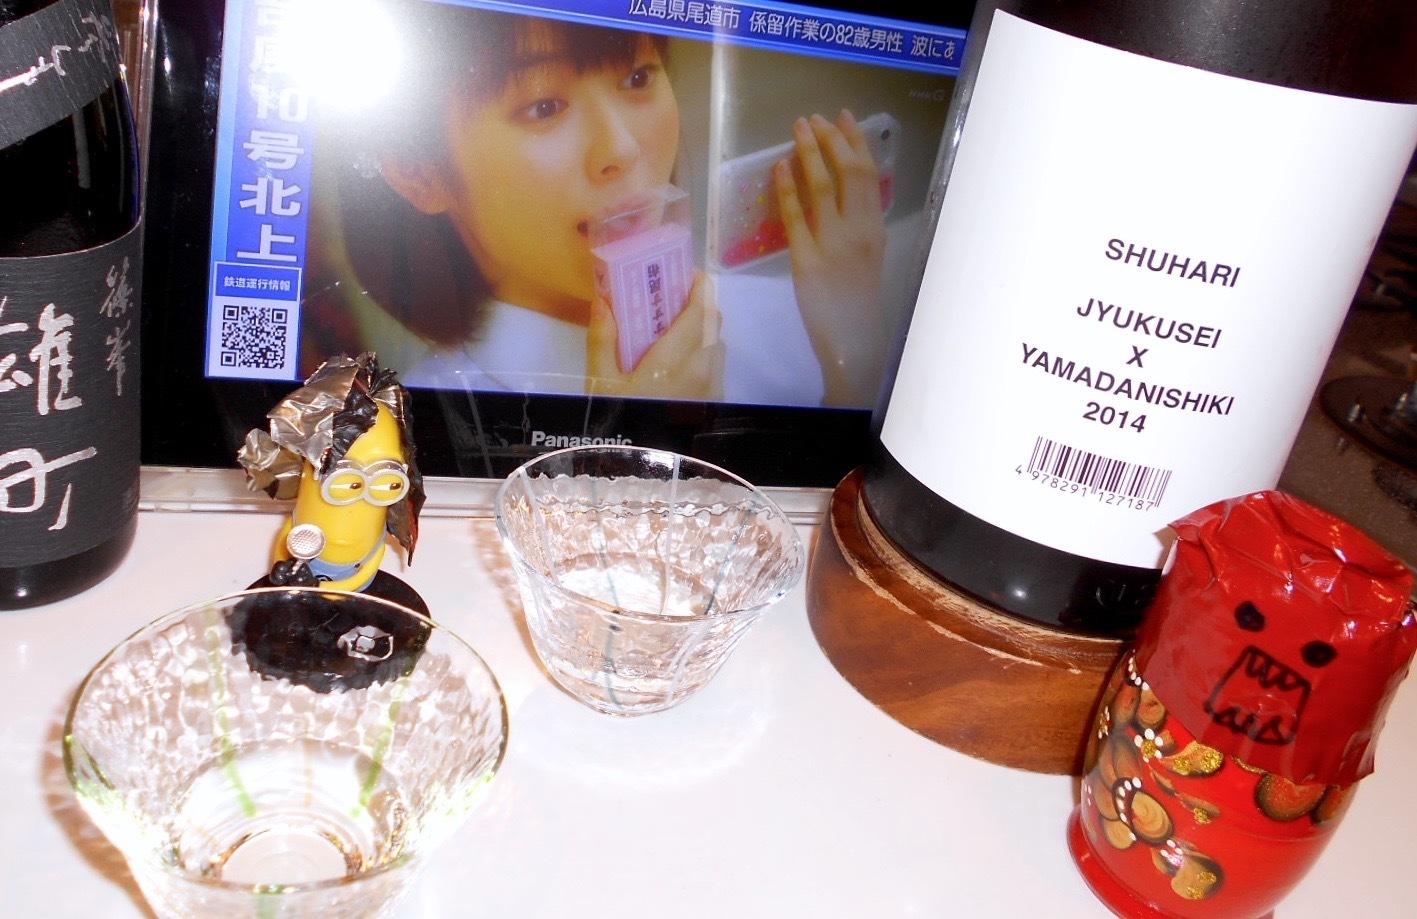 shuhari_jukusei_yamadanishiki26by15.jpg